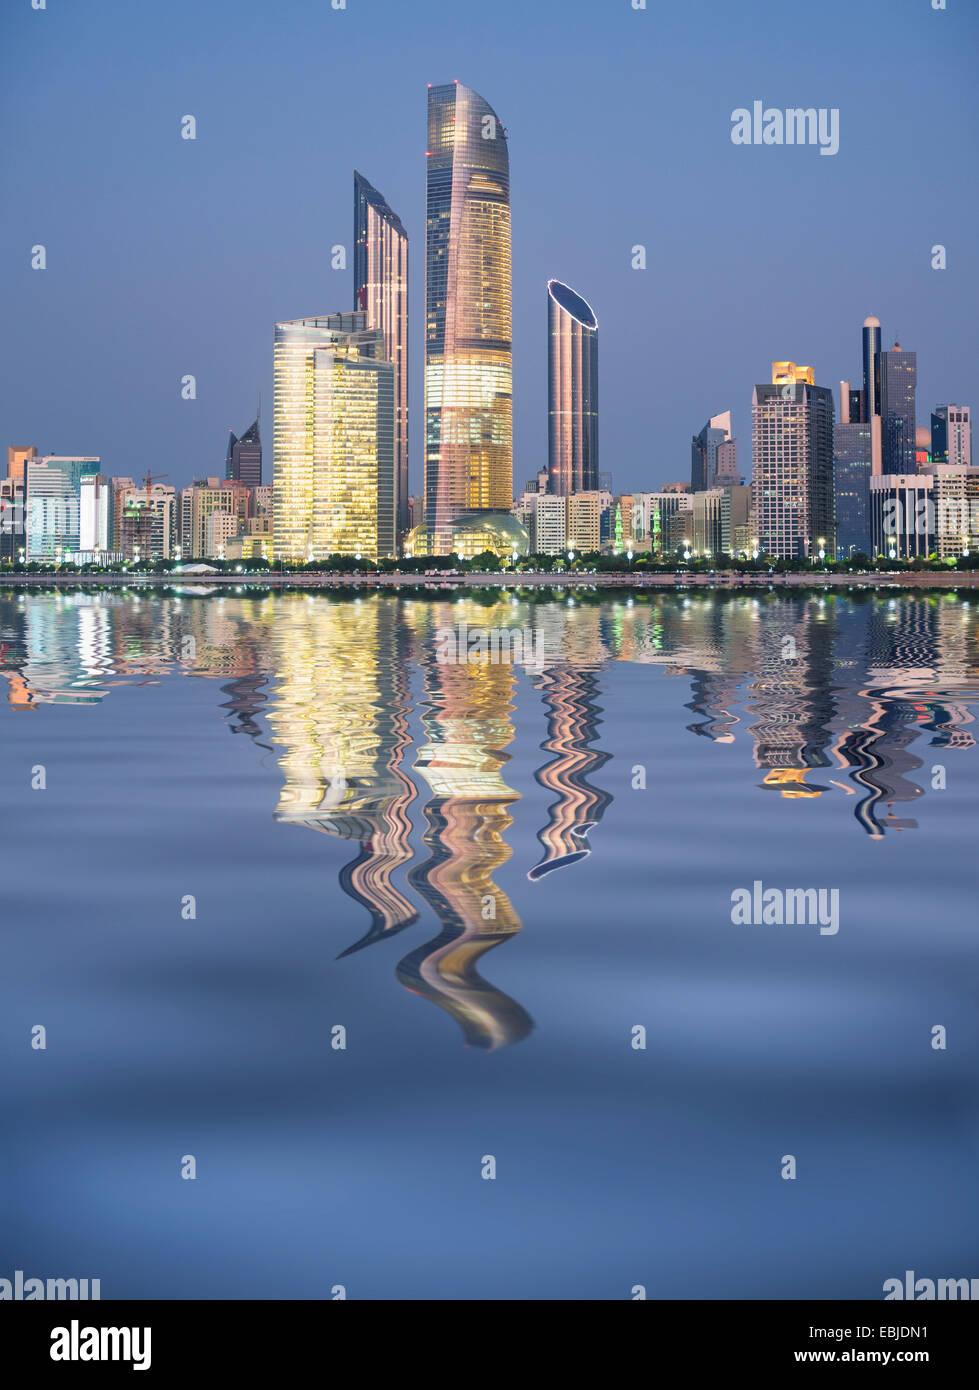 Skyline e riflessione di moderni edifici lungo il lungomare Corniche di Abu Dhabi Emirati Arabi Uniti Immagini Stock